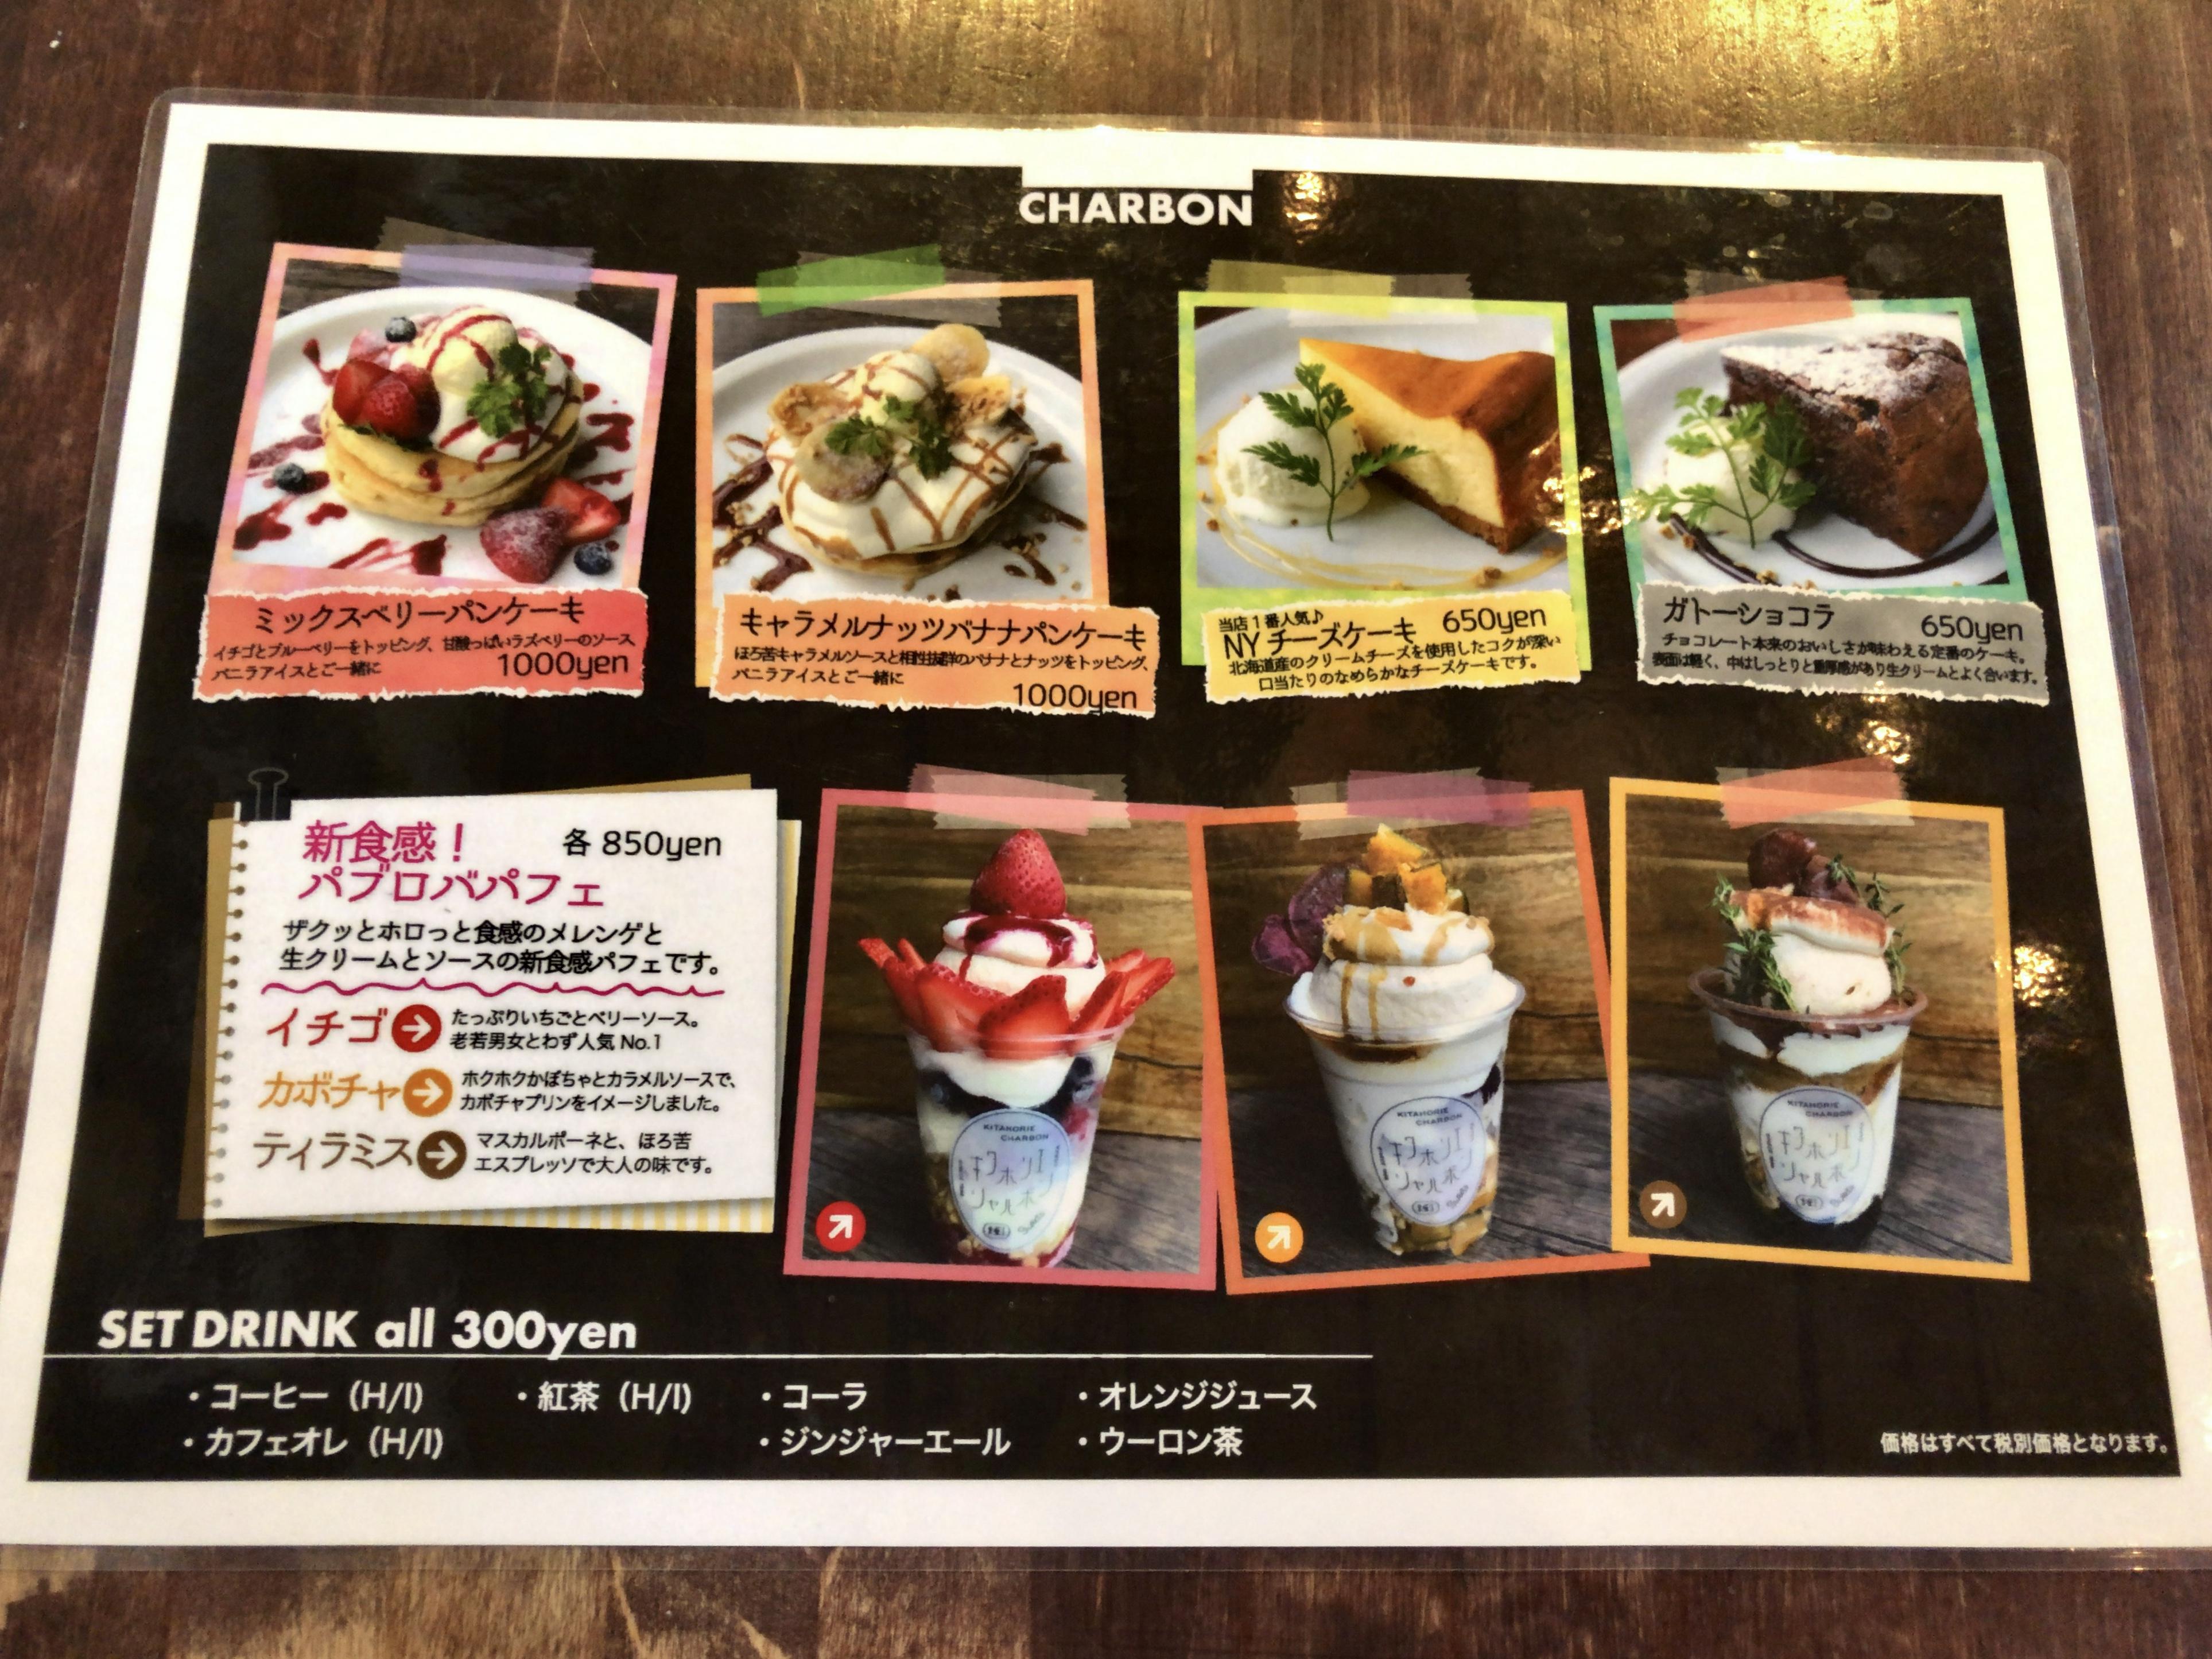 cafecharbon-menu1